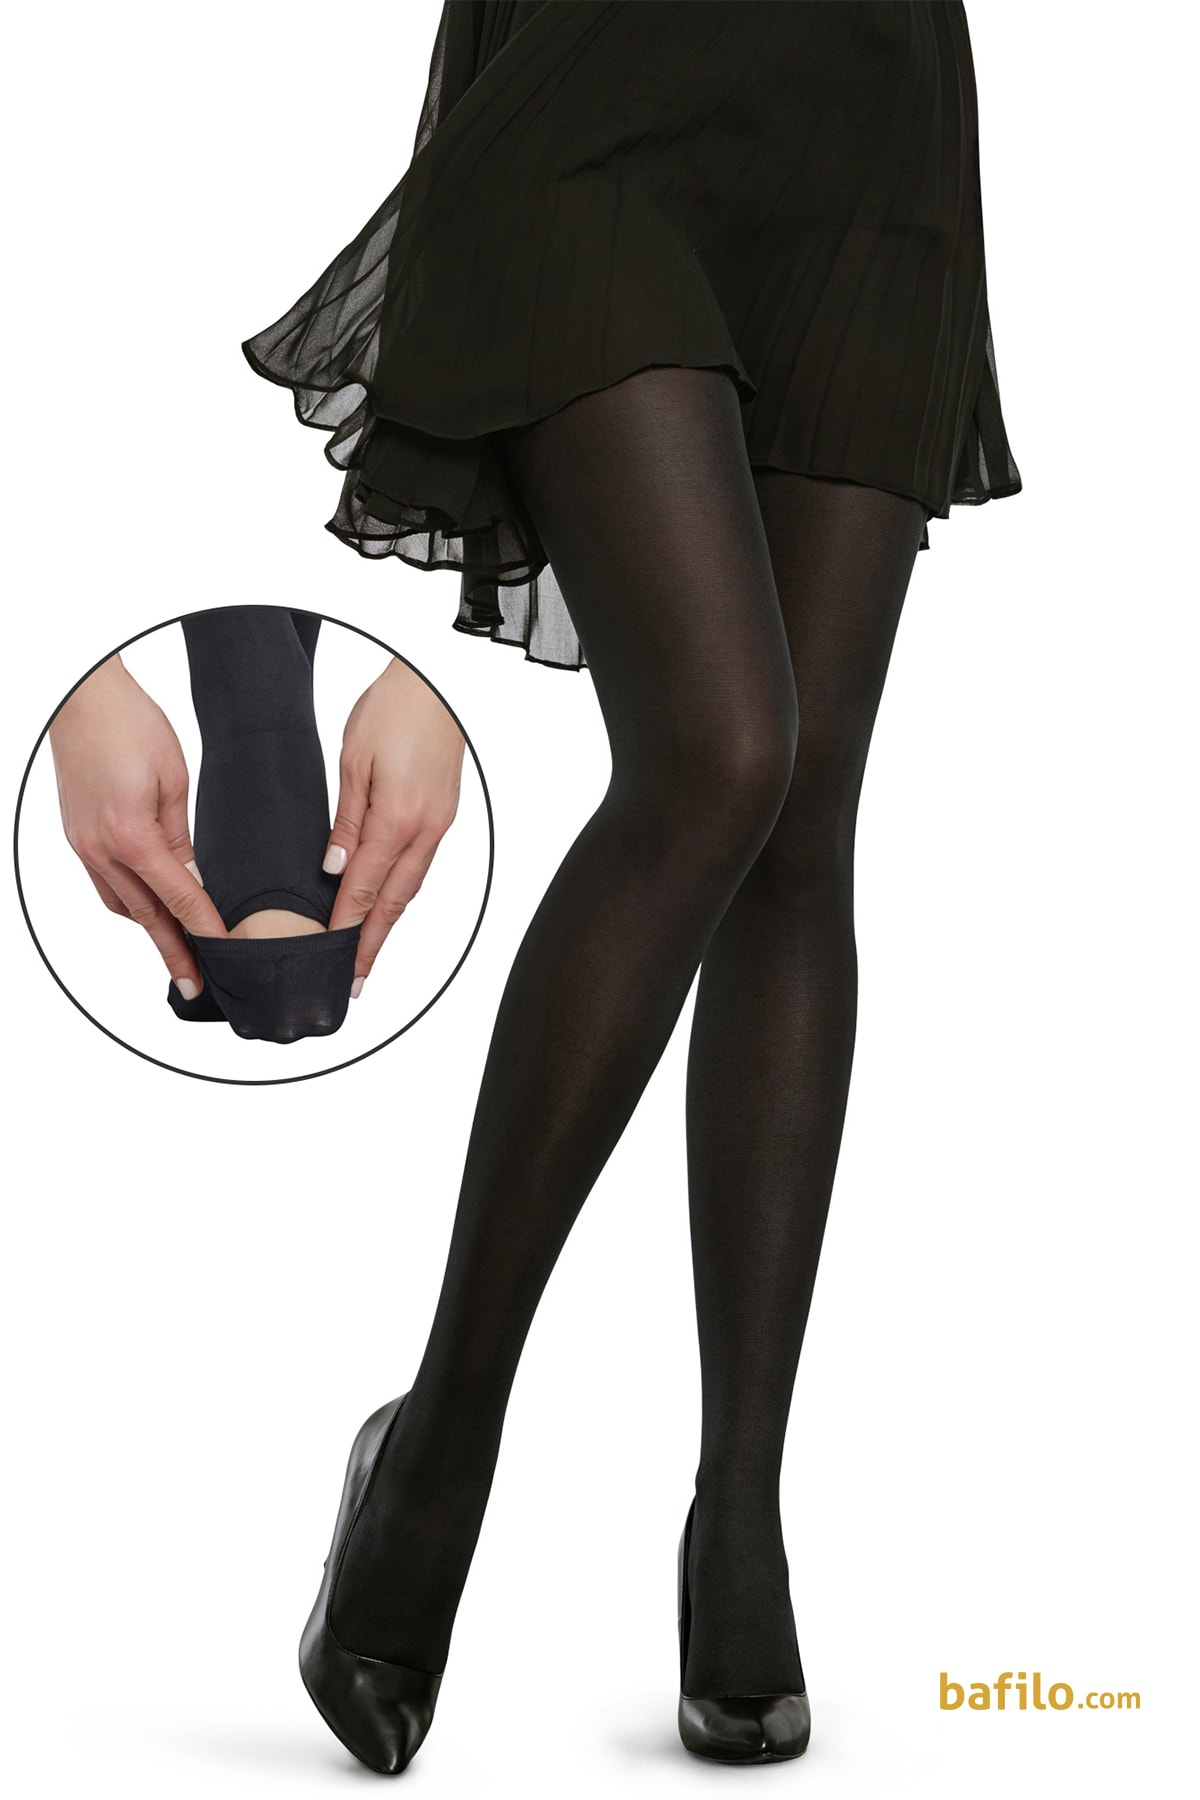 جوراب شلواری وضو زنانه پنتی Pratik رنگ بدن - Thumbnail